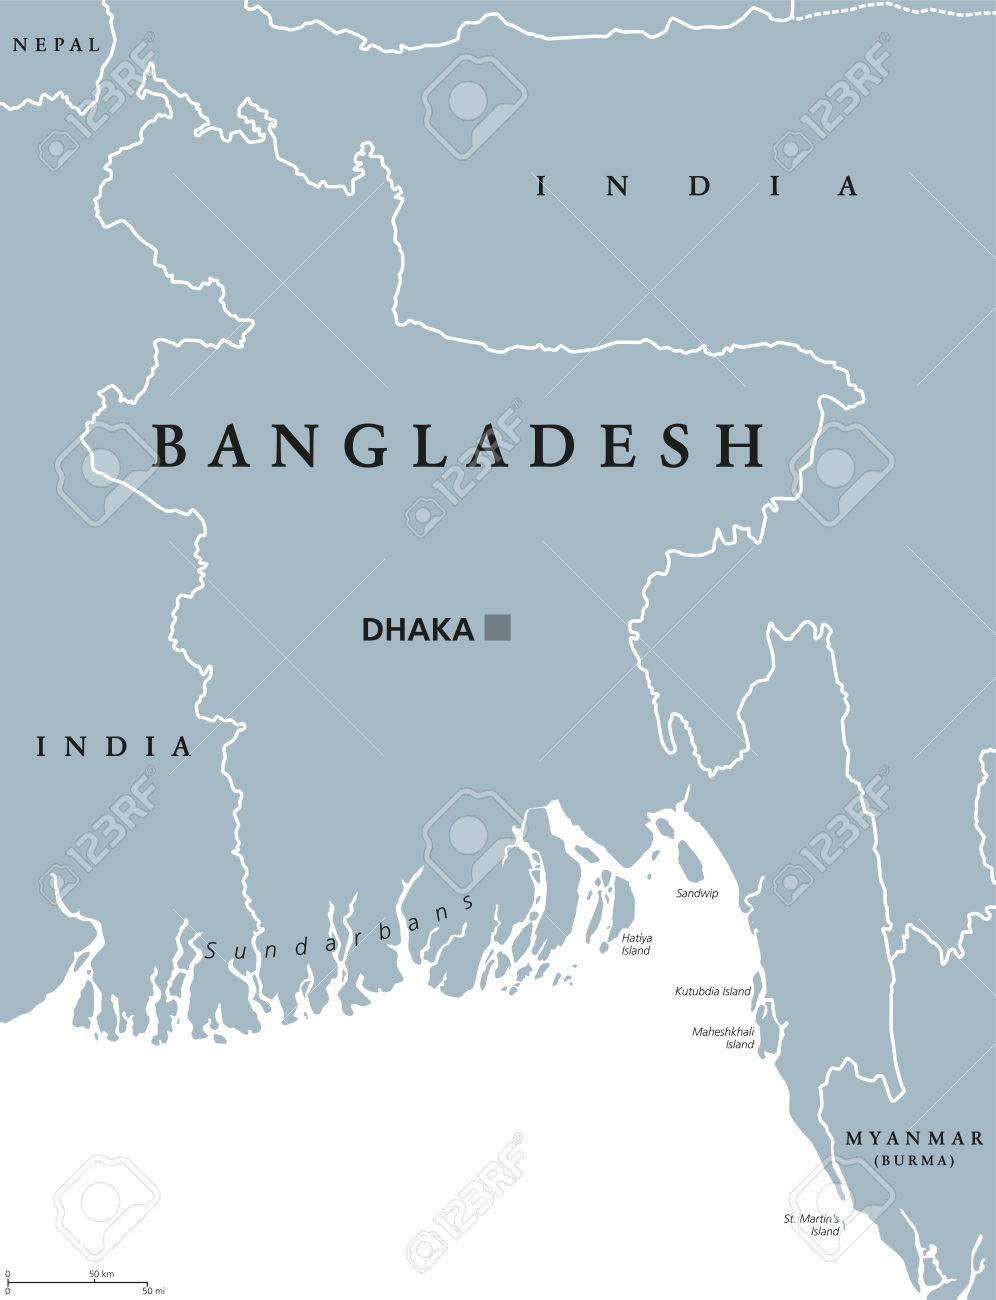 Bangladesh Political Map With Capital Dhaka And Borders English